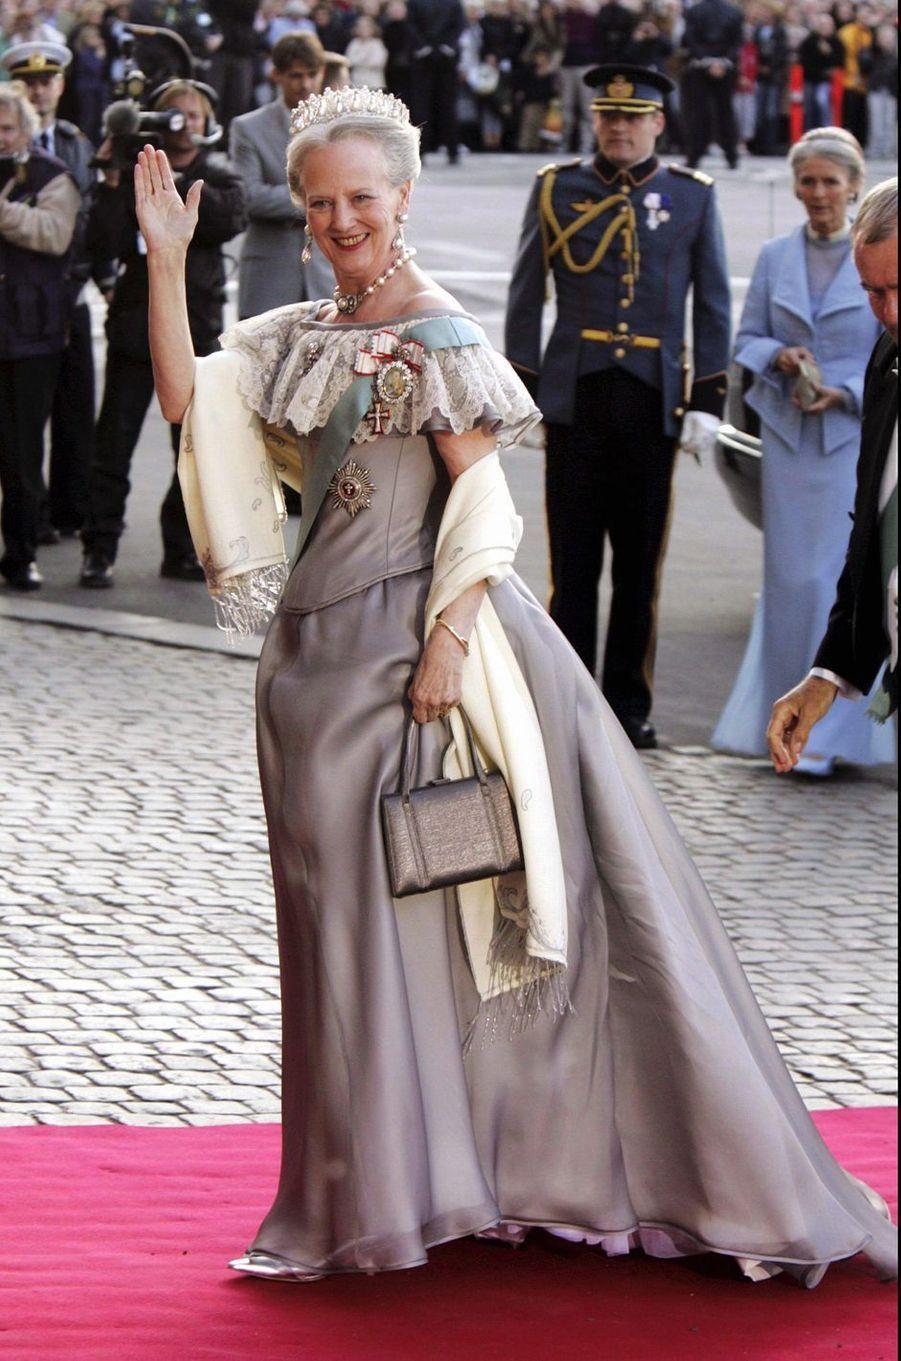 La reine Margrethe II de Danemark le 13 mai 2004, lors de la soirée de la veille du mariage de son fils aîné le prince Frederik